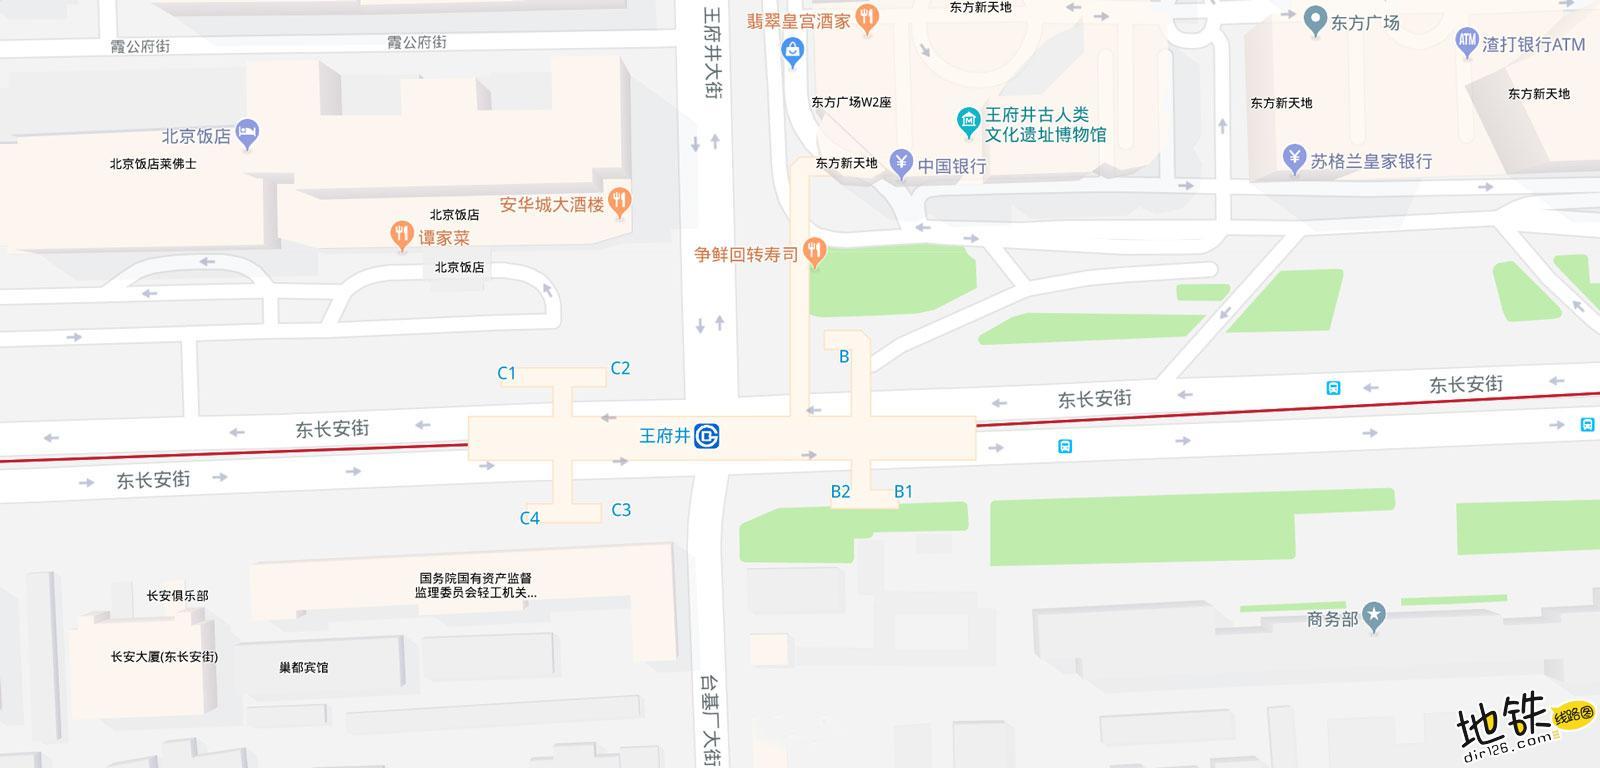 王府井地铁站 北京地铁王府井站出入口 地图信息查询  北京地铁站  第2张